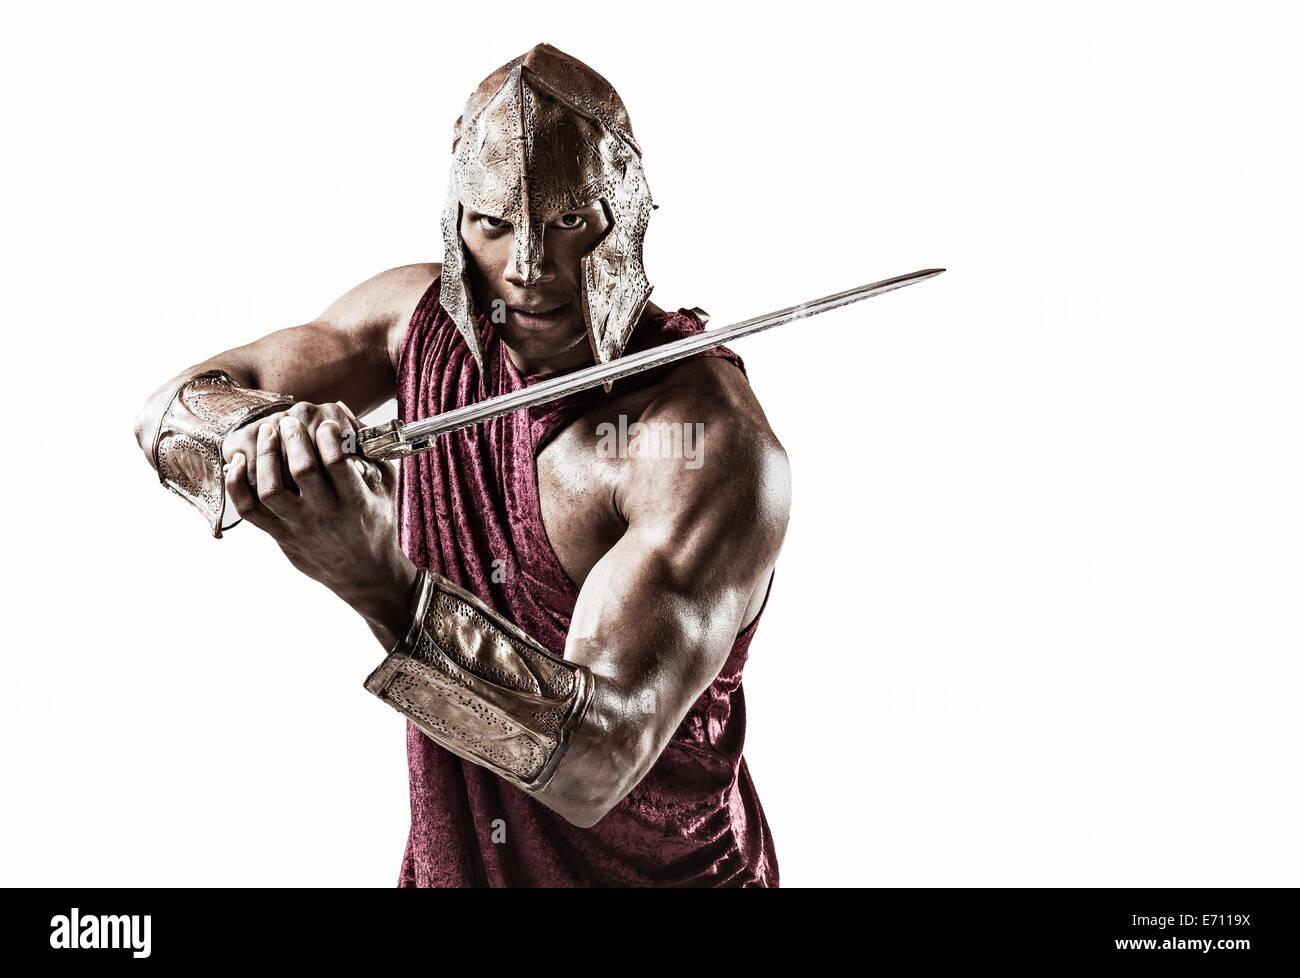 Ritratto in studio della muscolatura giovane uomo vestito da gladiatore con il casco e la spada Immagini Stock